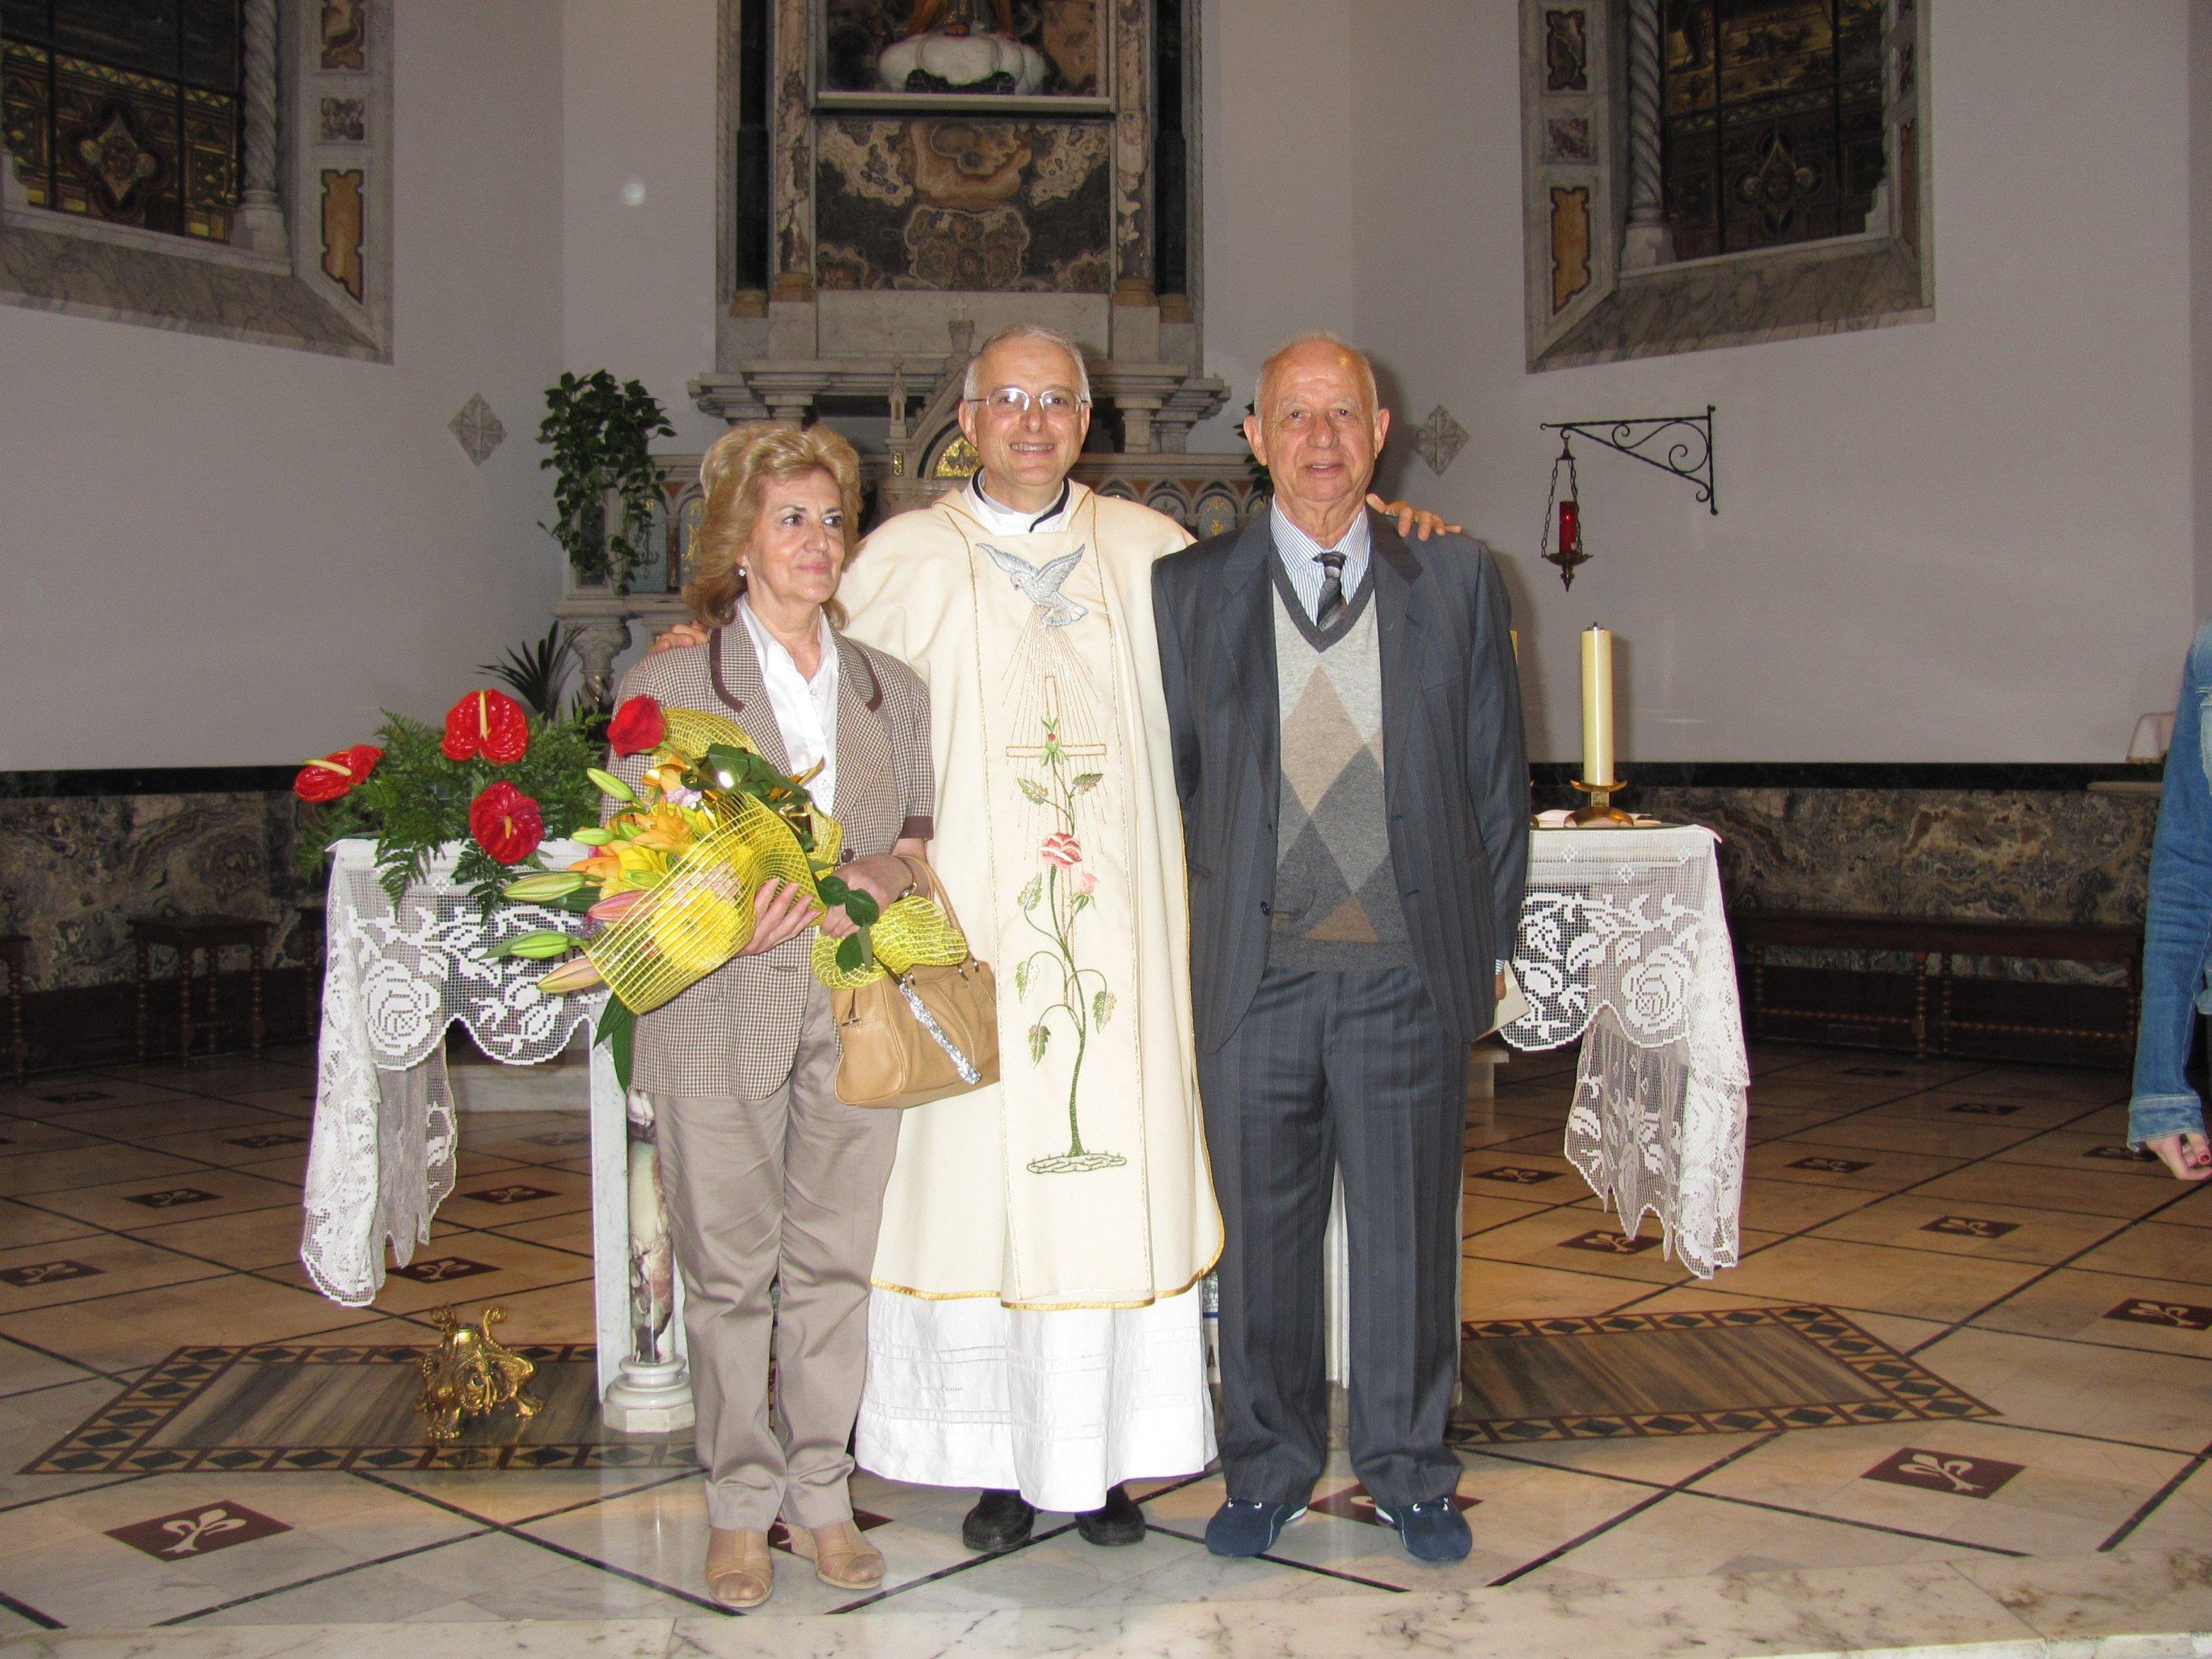 anniversari_di_matrimonio_e_di_ordinazione_2012-06-03-11-25-11